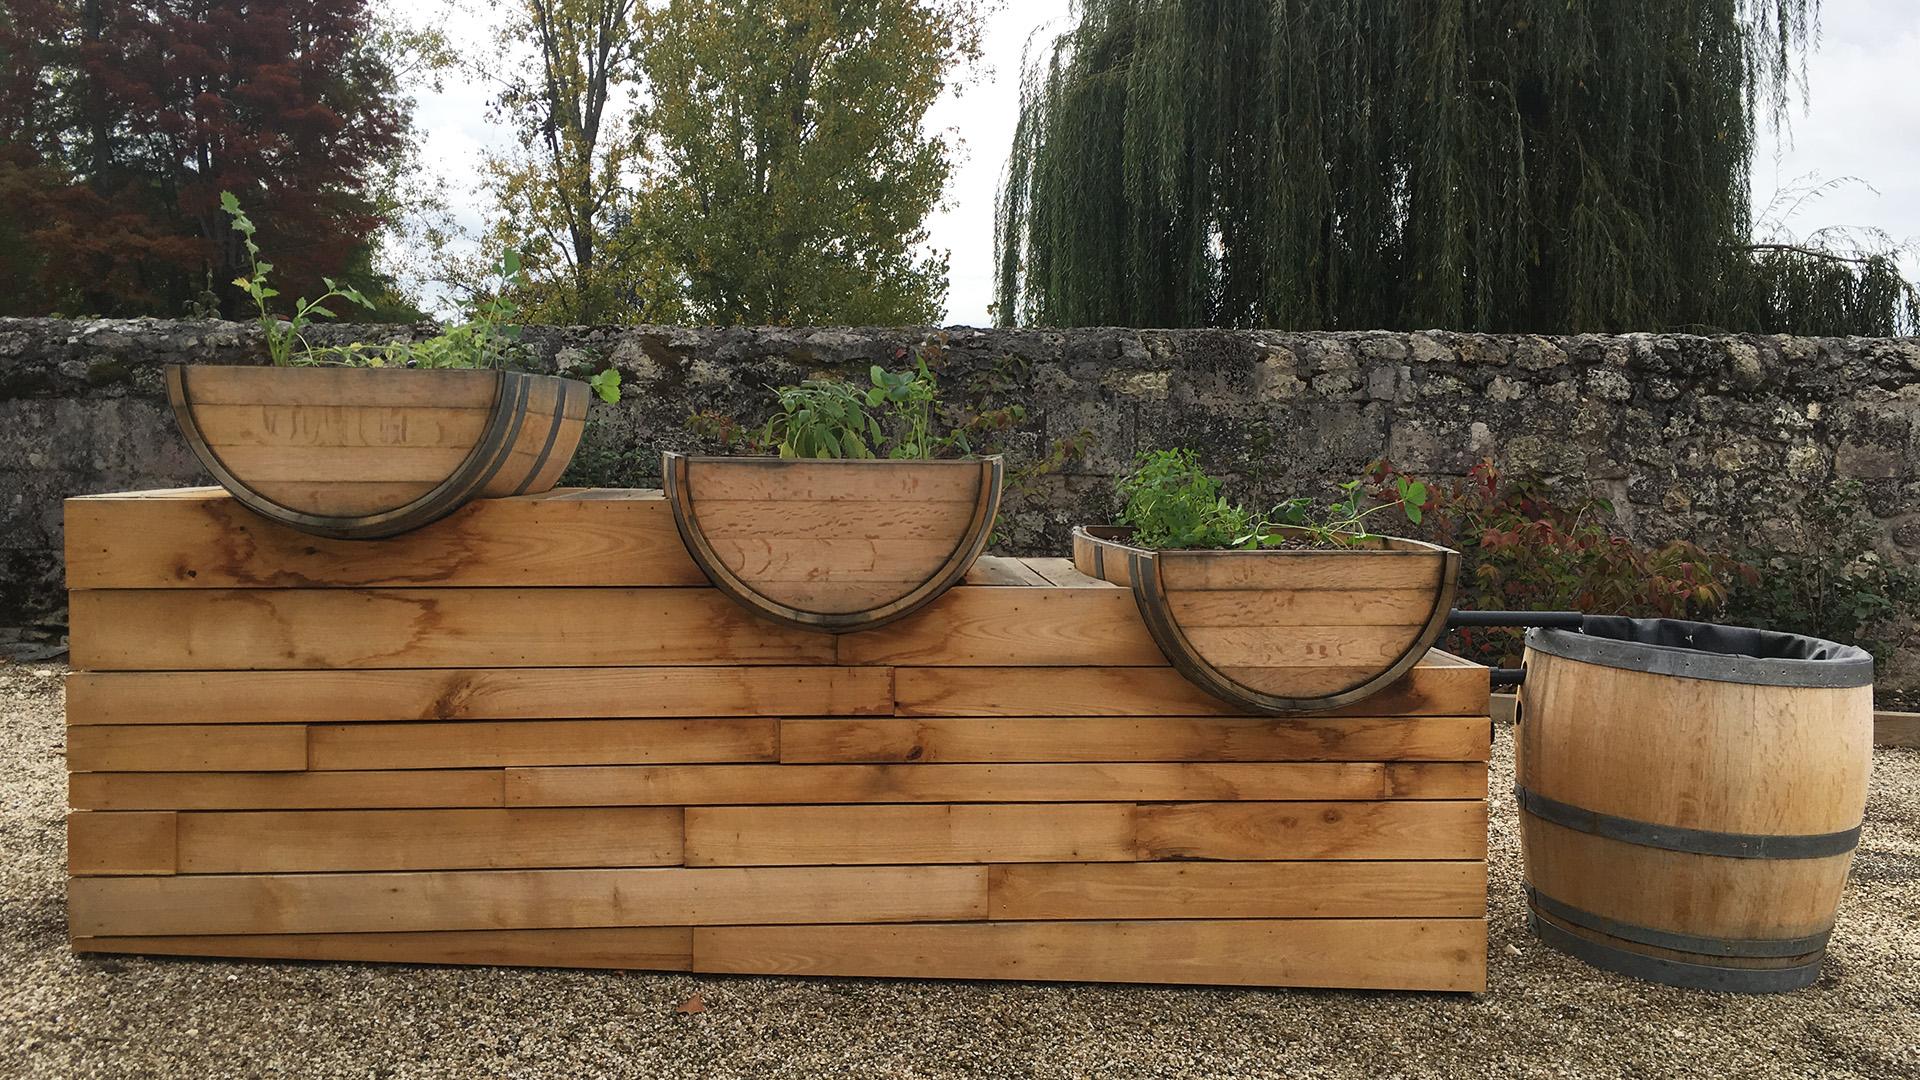 Module de culture aquaponique au Château de la Dauphine